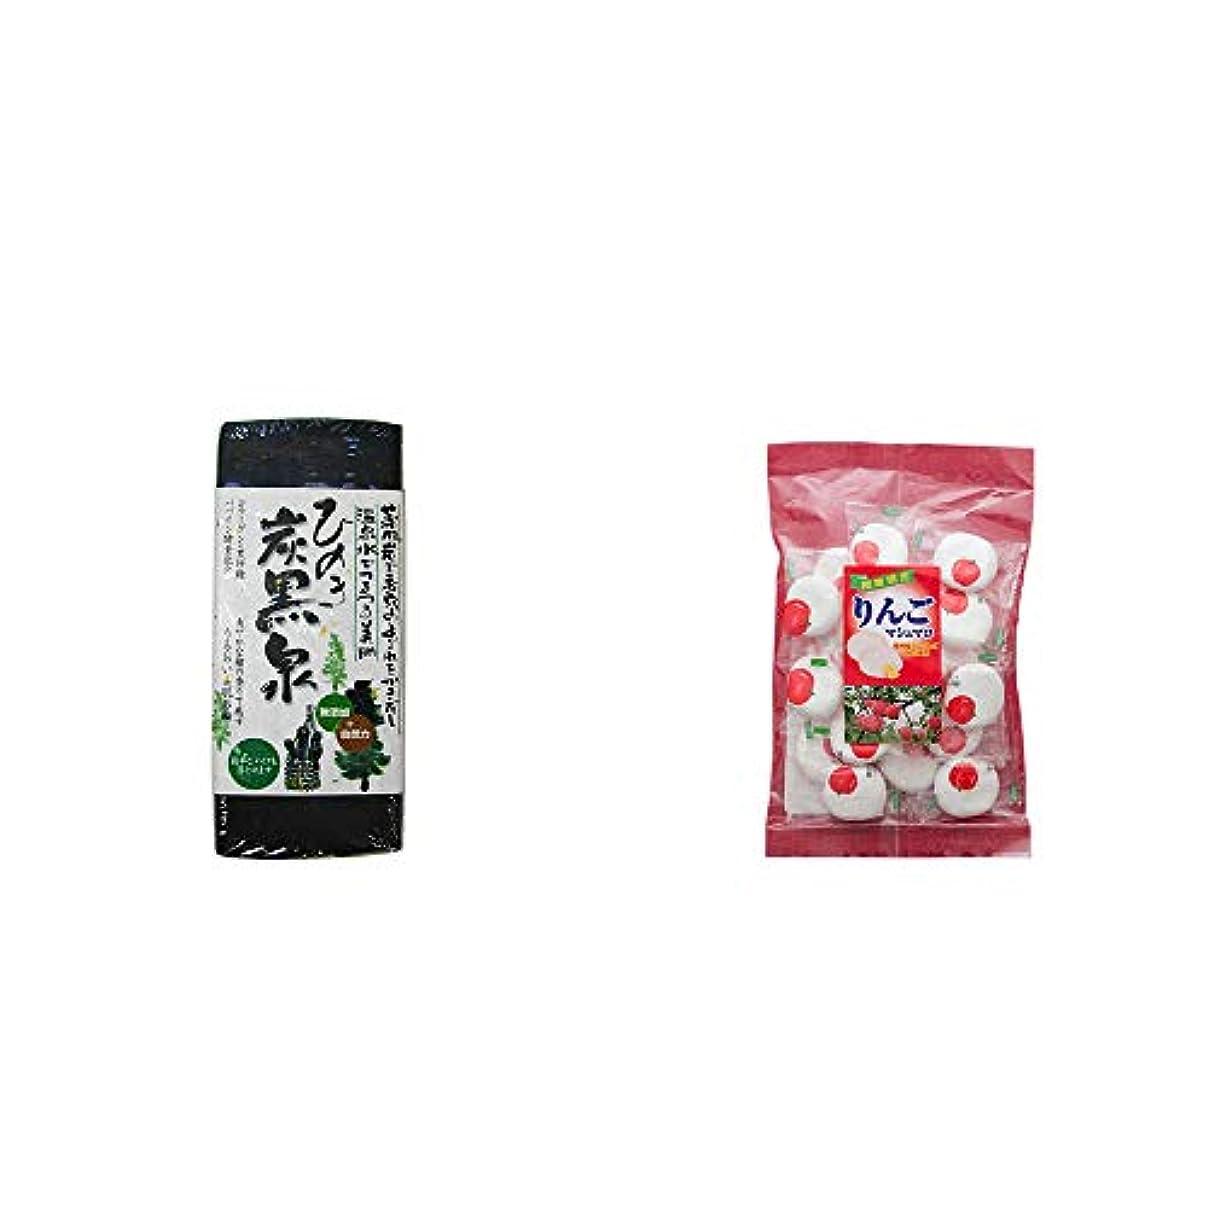 流レンジ軽量[2点セット] ひのき炭黒泉(75g×2)?信州りんご100%使用 りんごマシュマロ(110g)